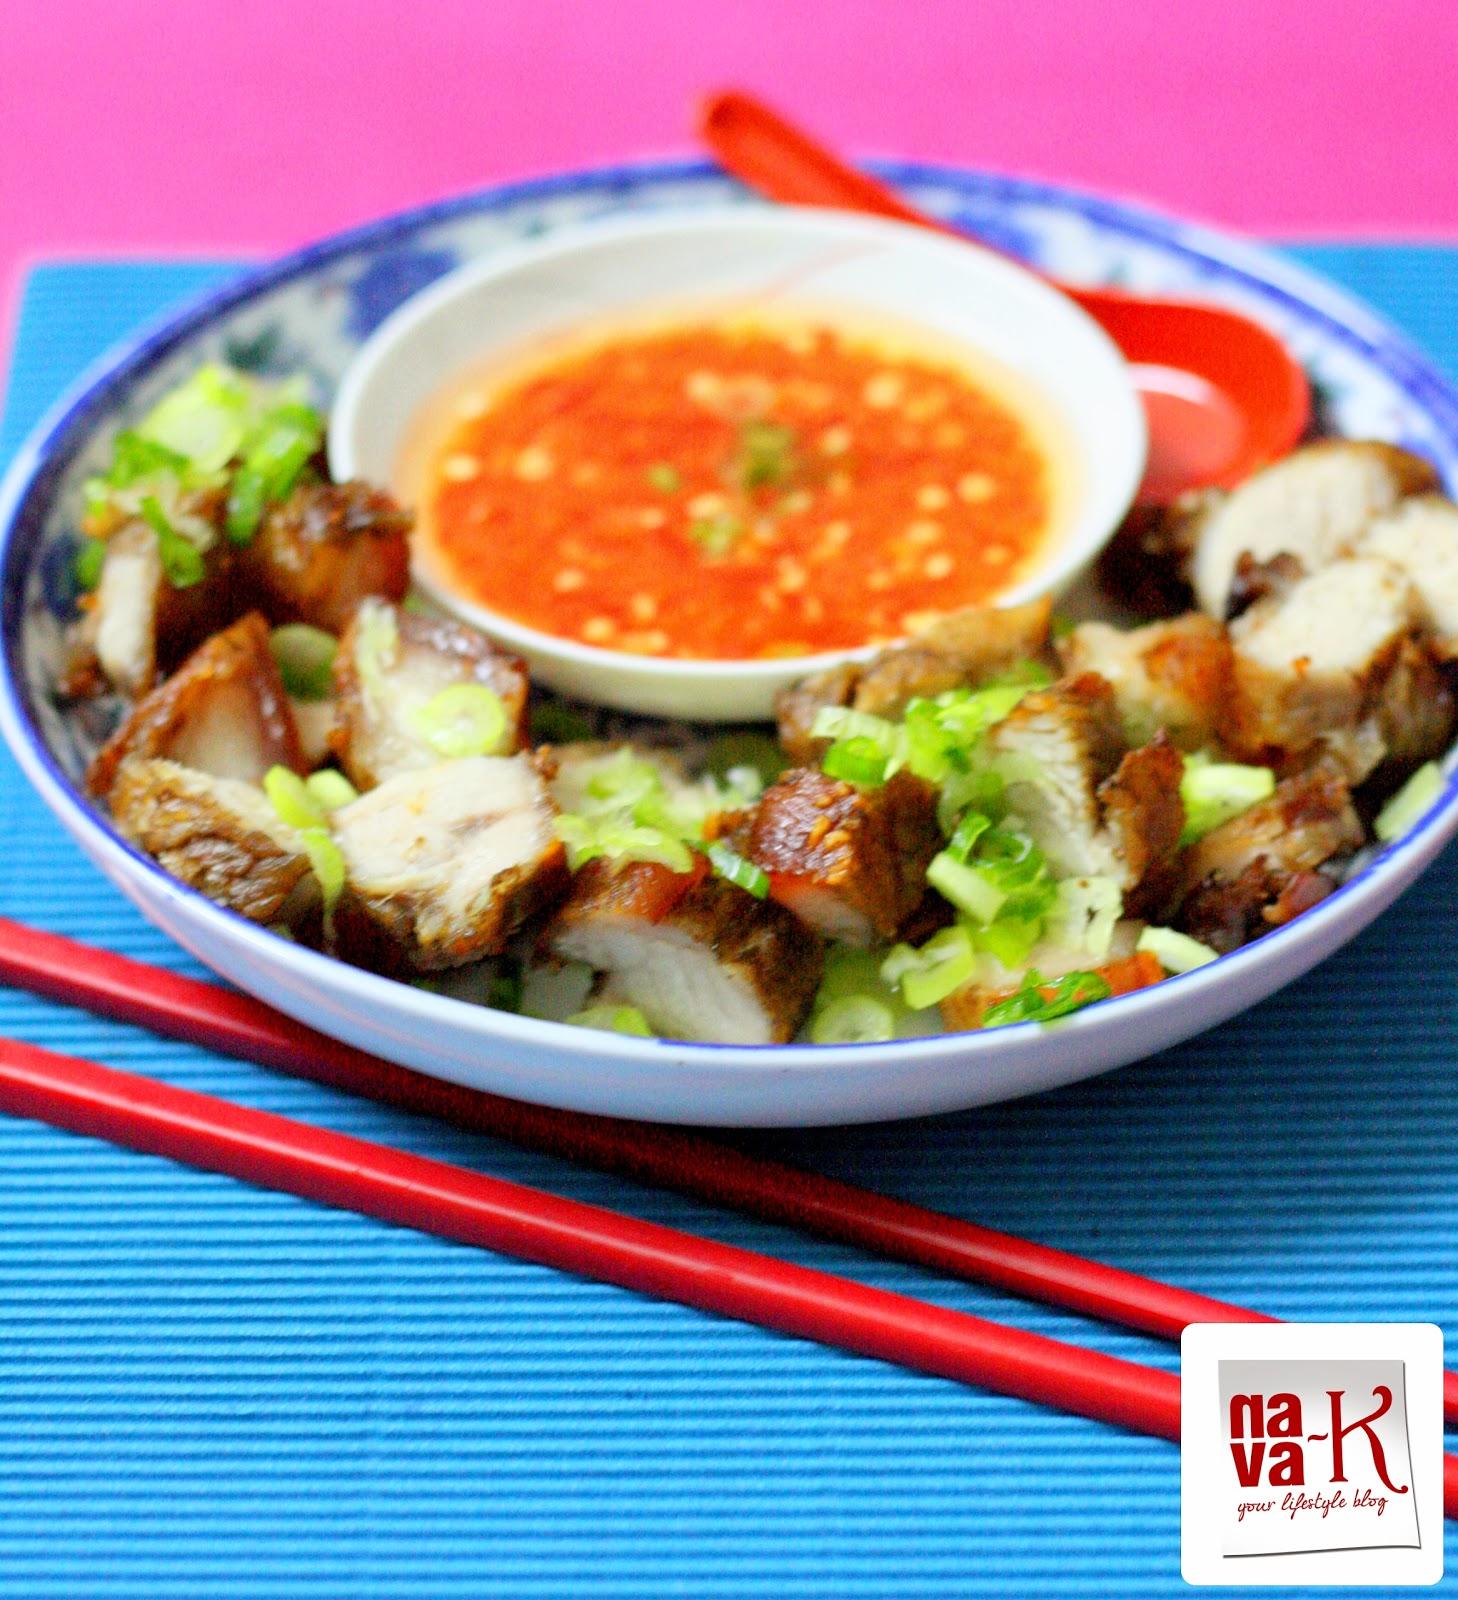 nava-k: Siew Yoke (Chinese Roast Pork) With Chili Ginger Dip